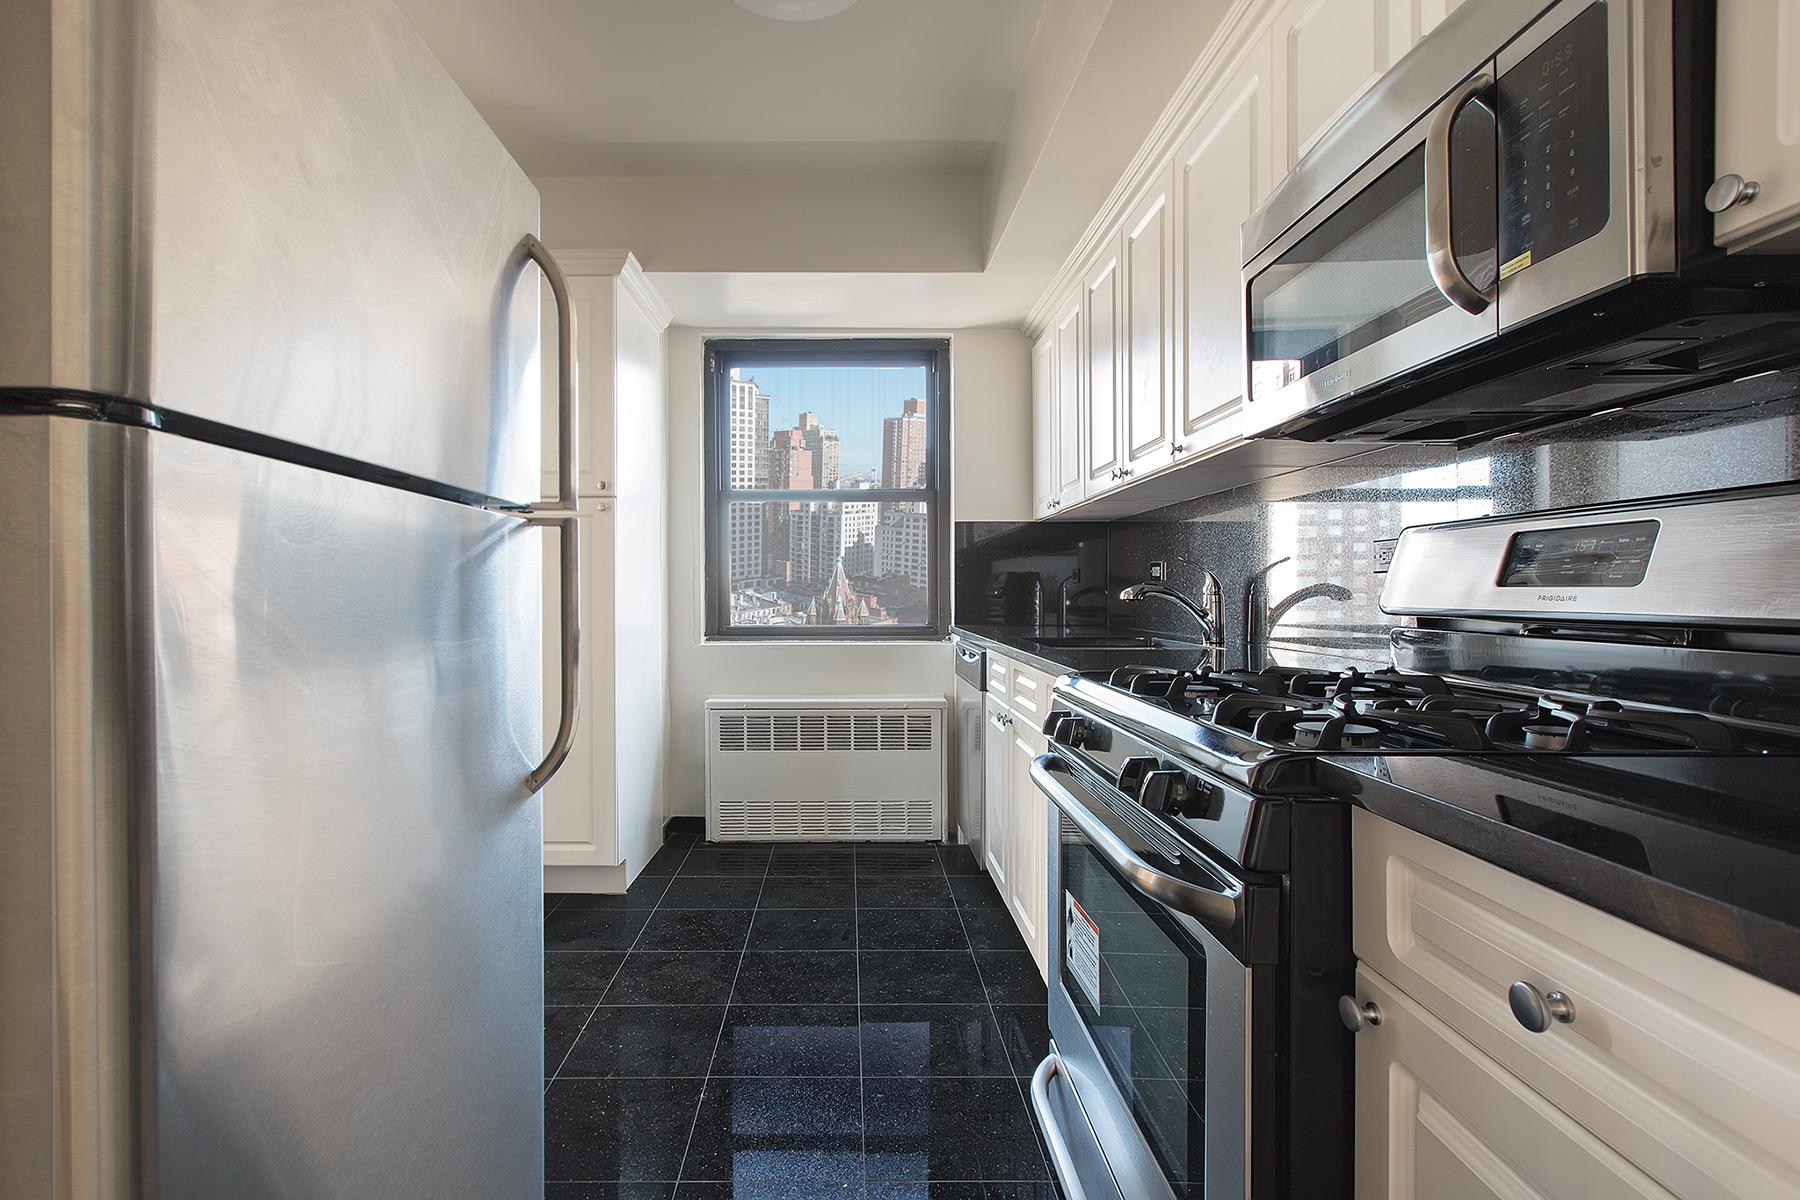 305E86 - Apt Kitchen 2.jpg